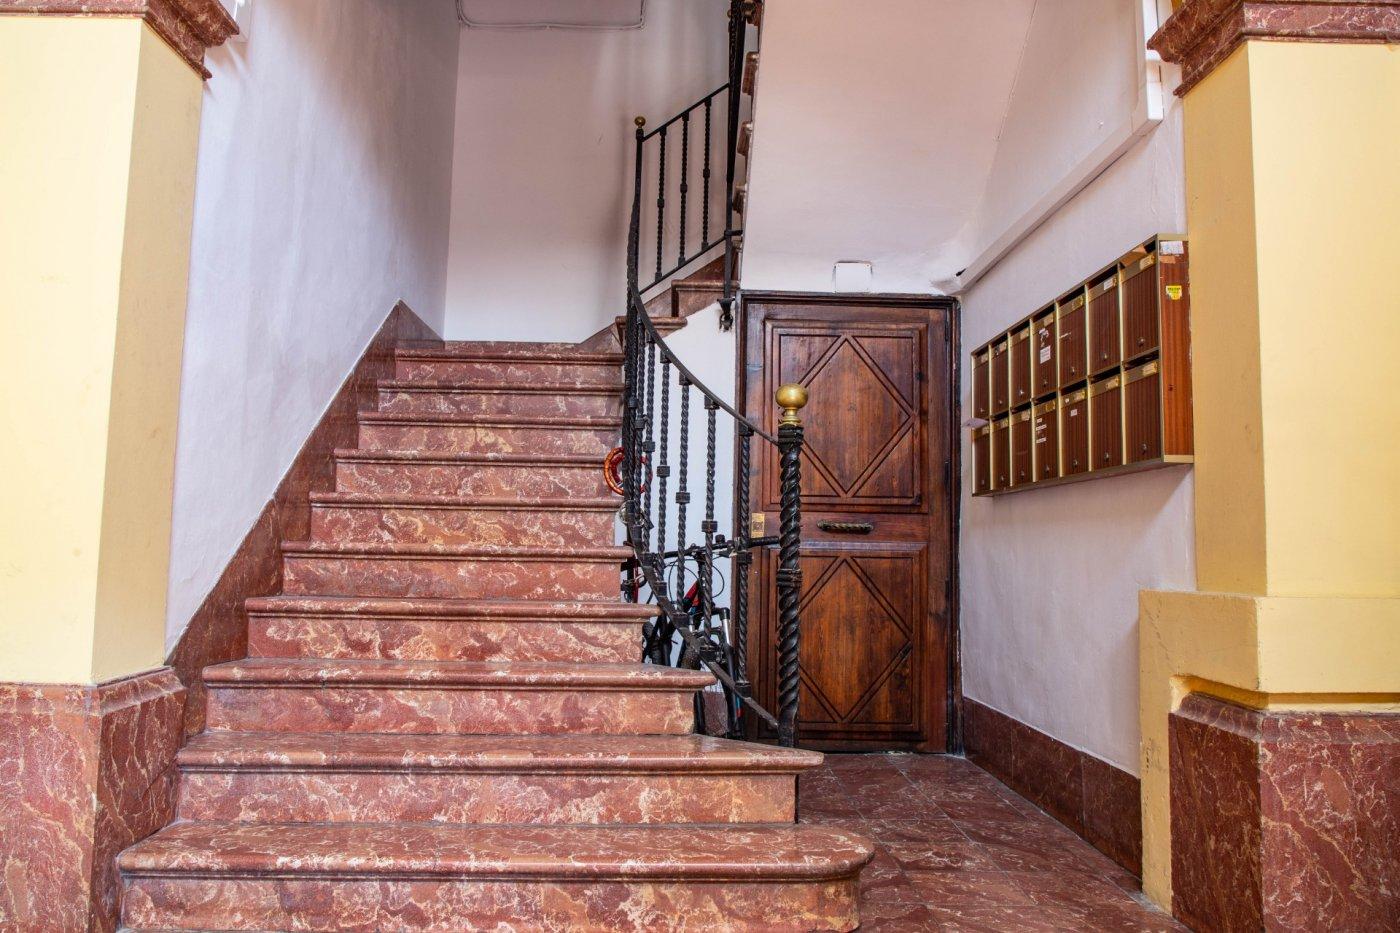 Precioso piso antiguo con mucho carácter en el centro de palma - imagenInmueble22